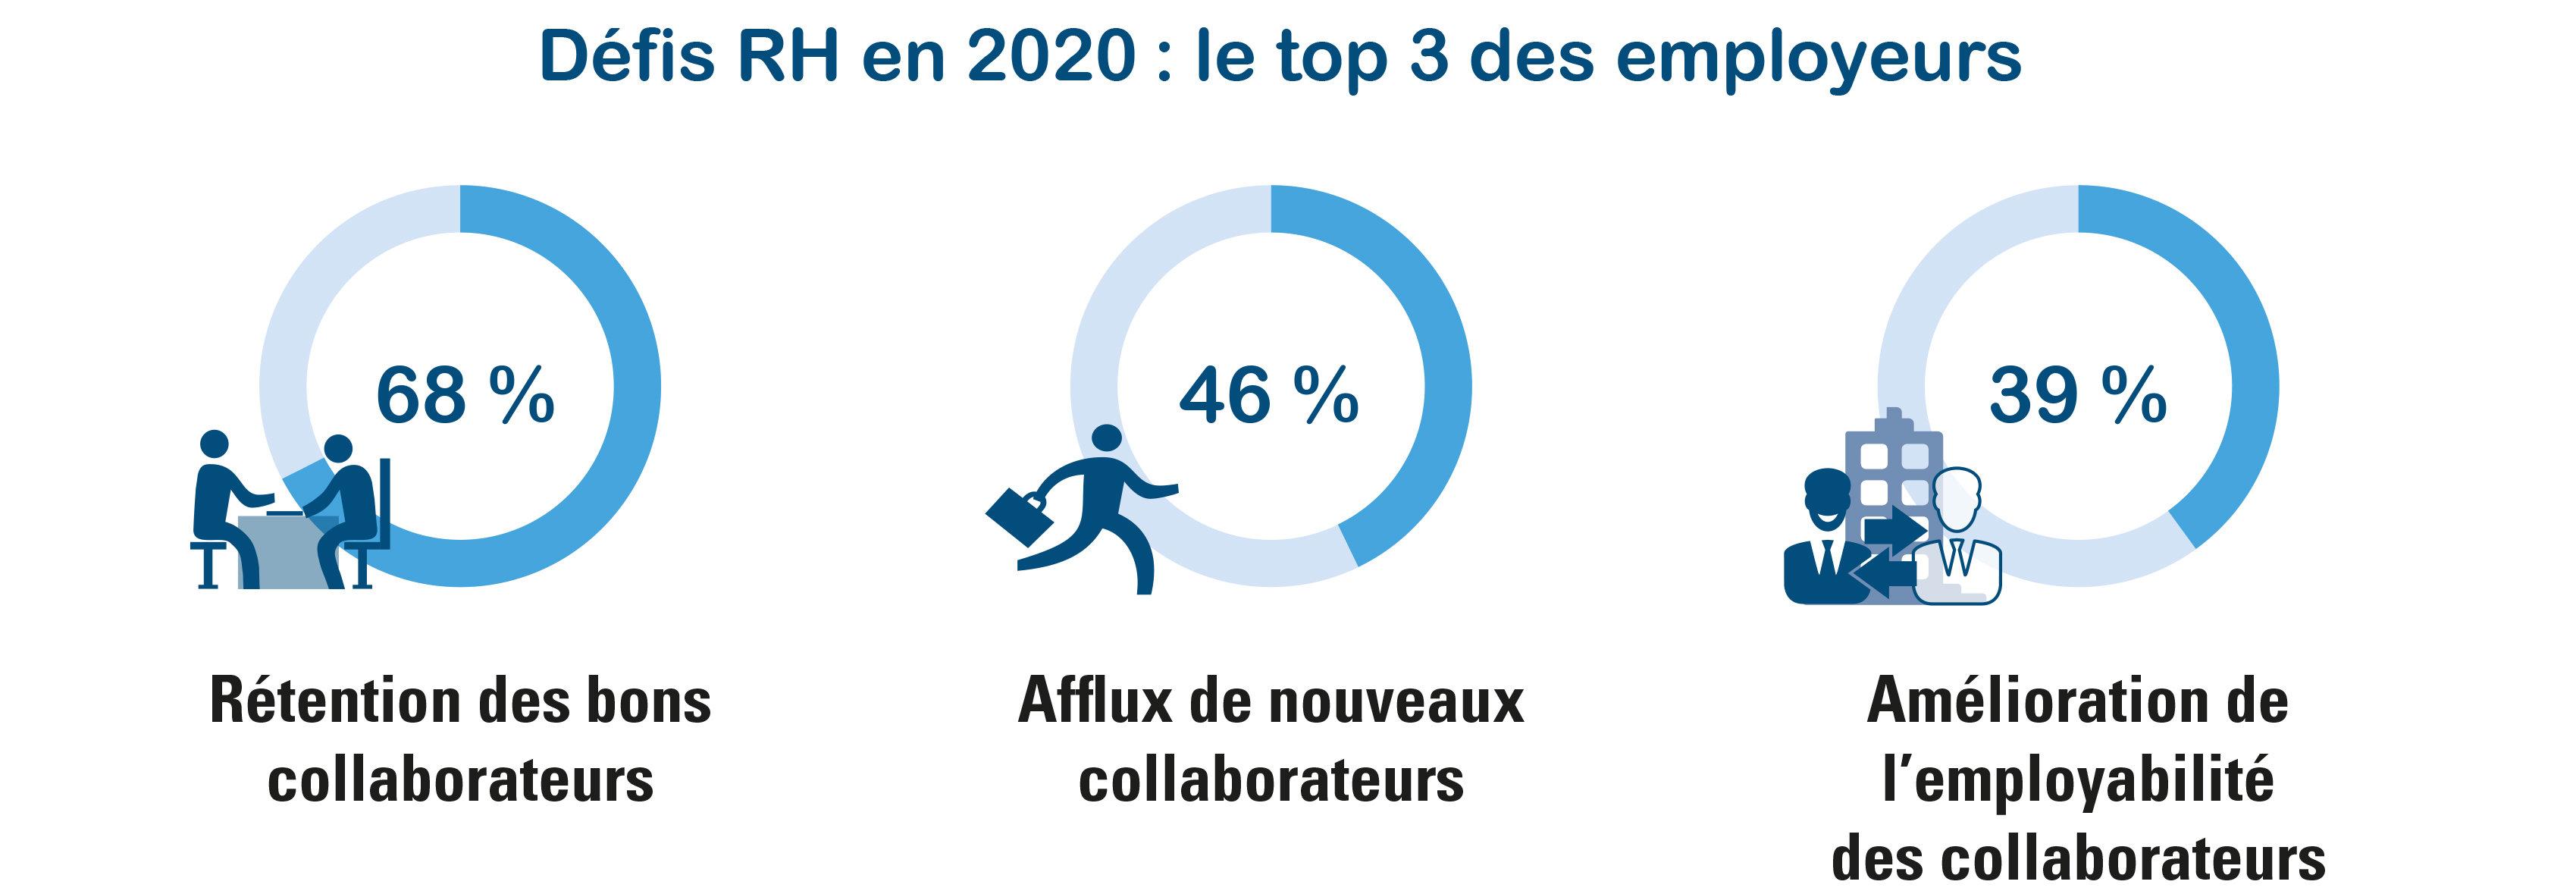 Trois principaux défis RH pour l'année 2020